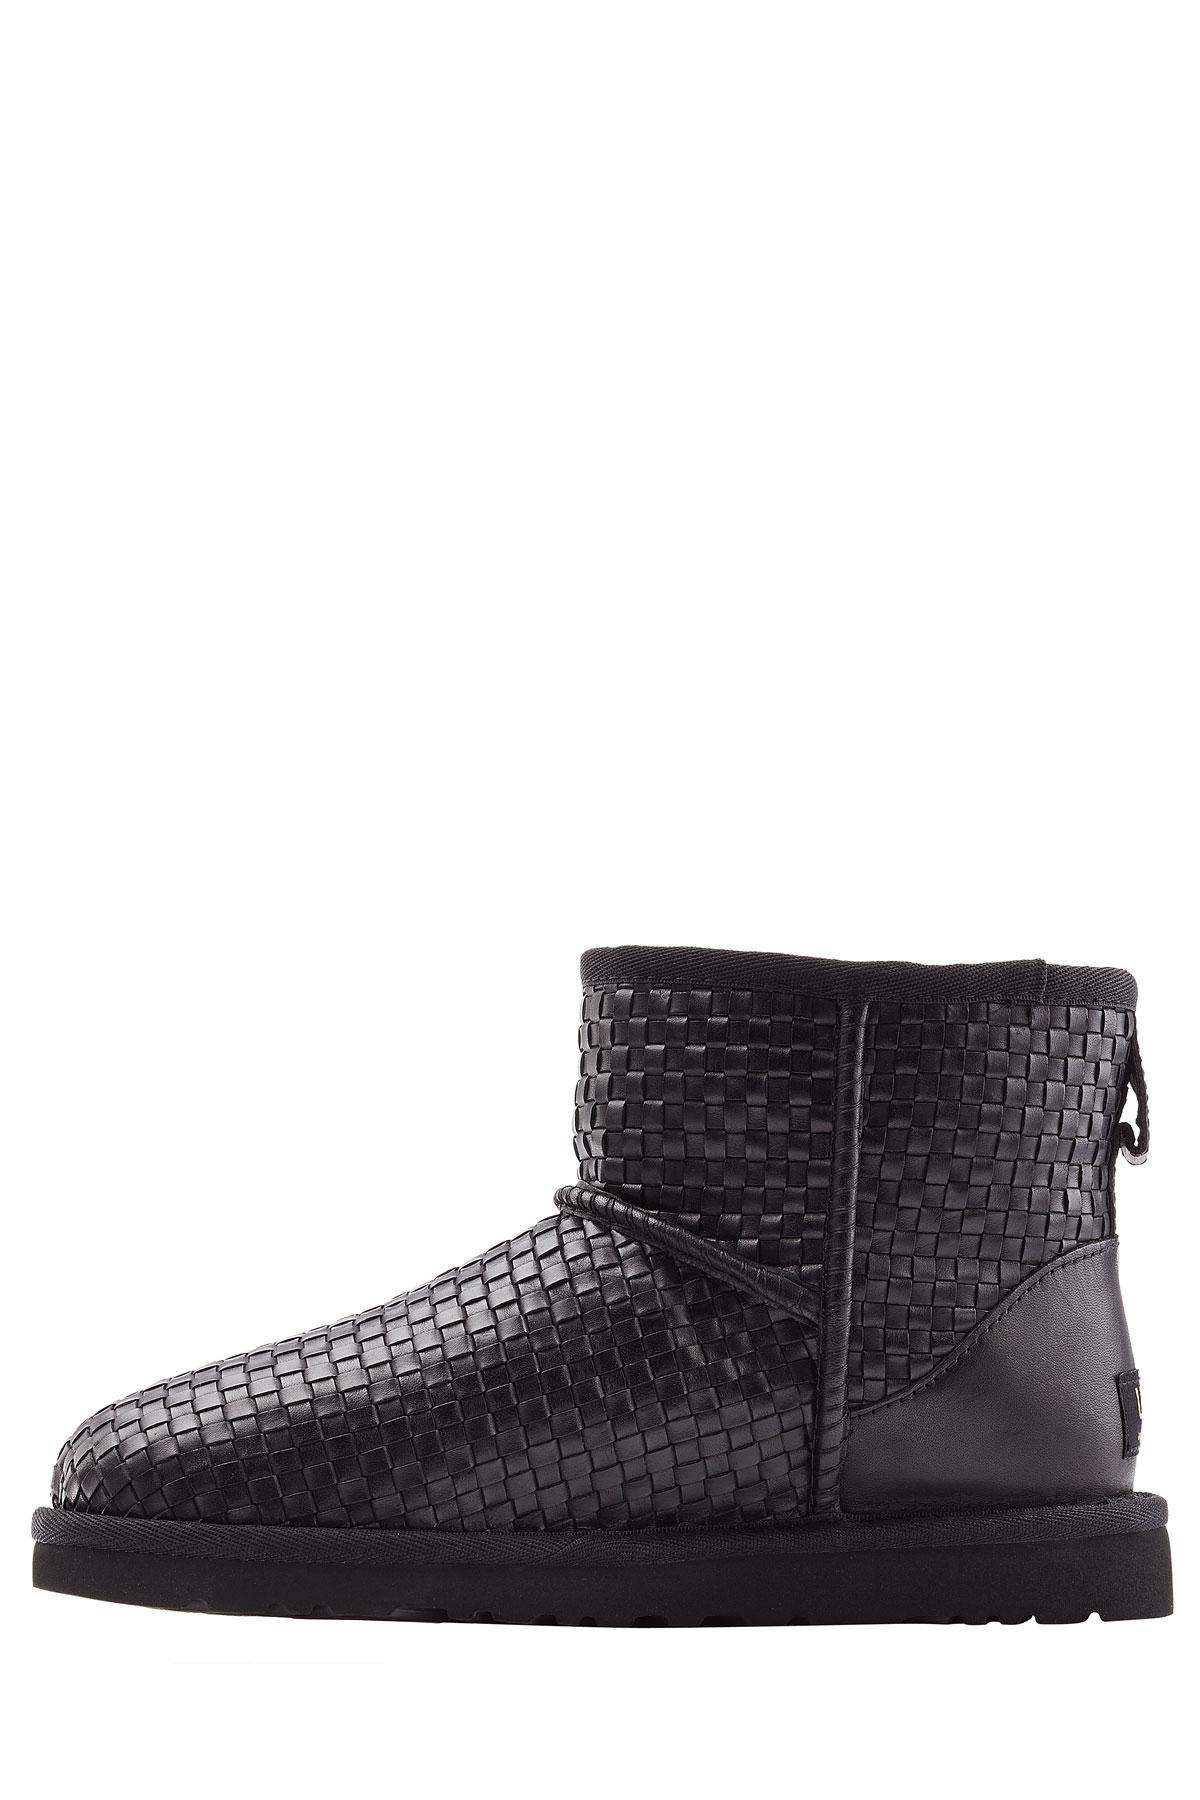 lyst ugg classic mini woven boots black in black rh lyst com